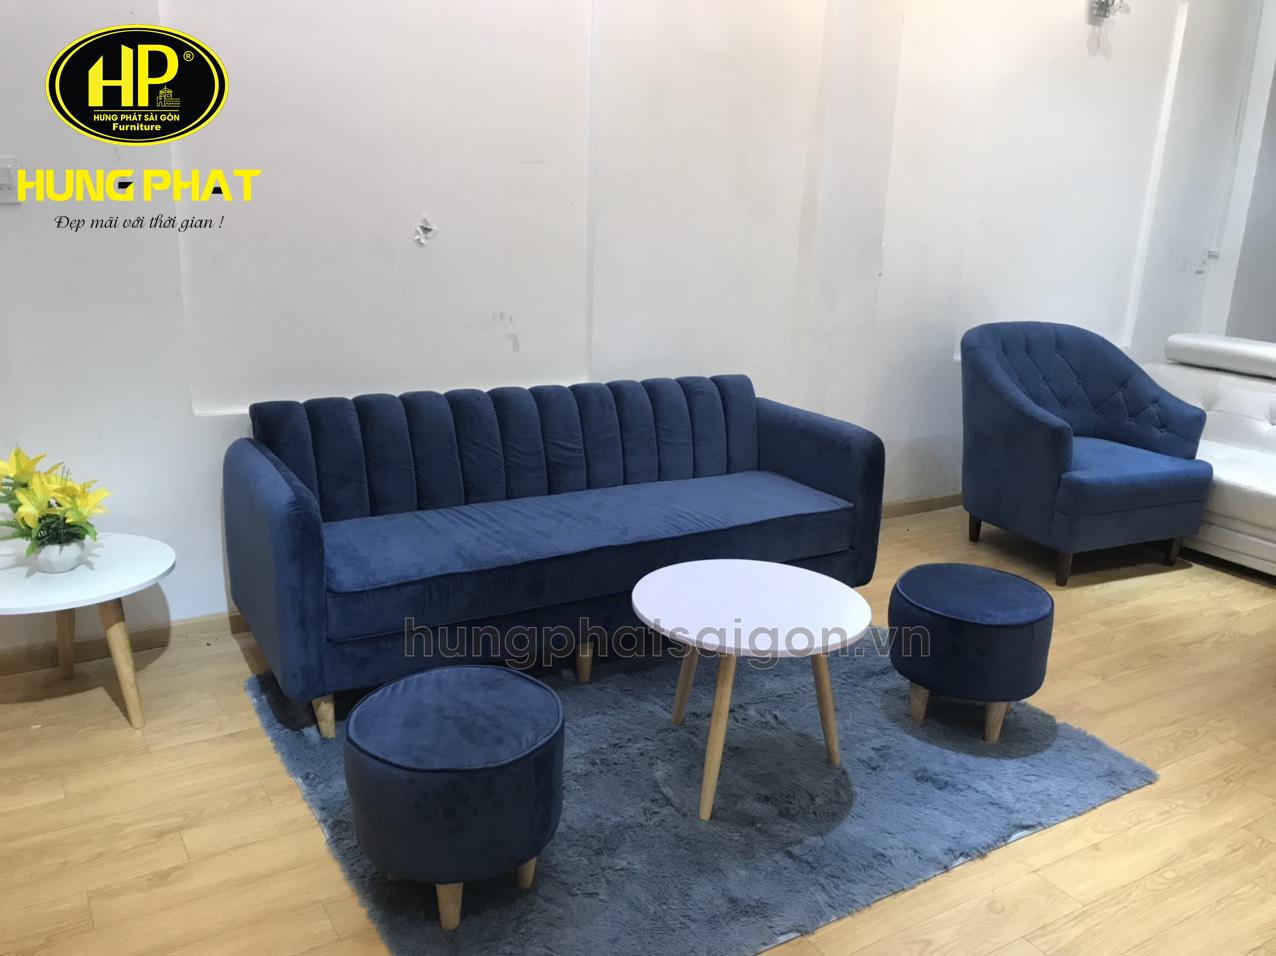 Hưng Phát Sài Gòn sản xuất sofa bằng những vật liệu cao cấp nhất